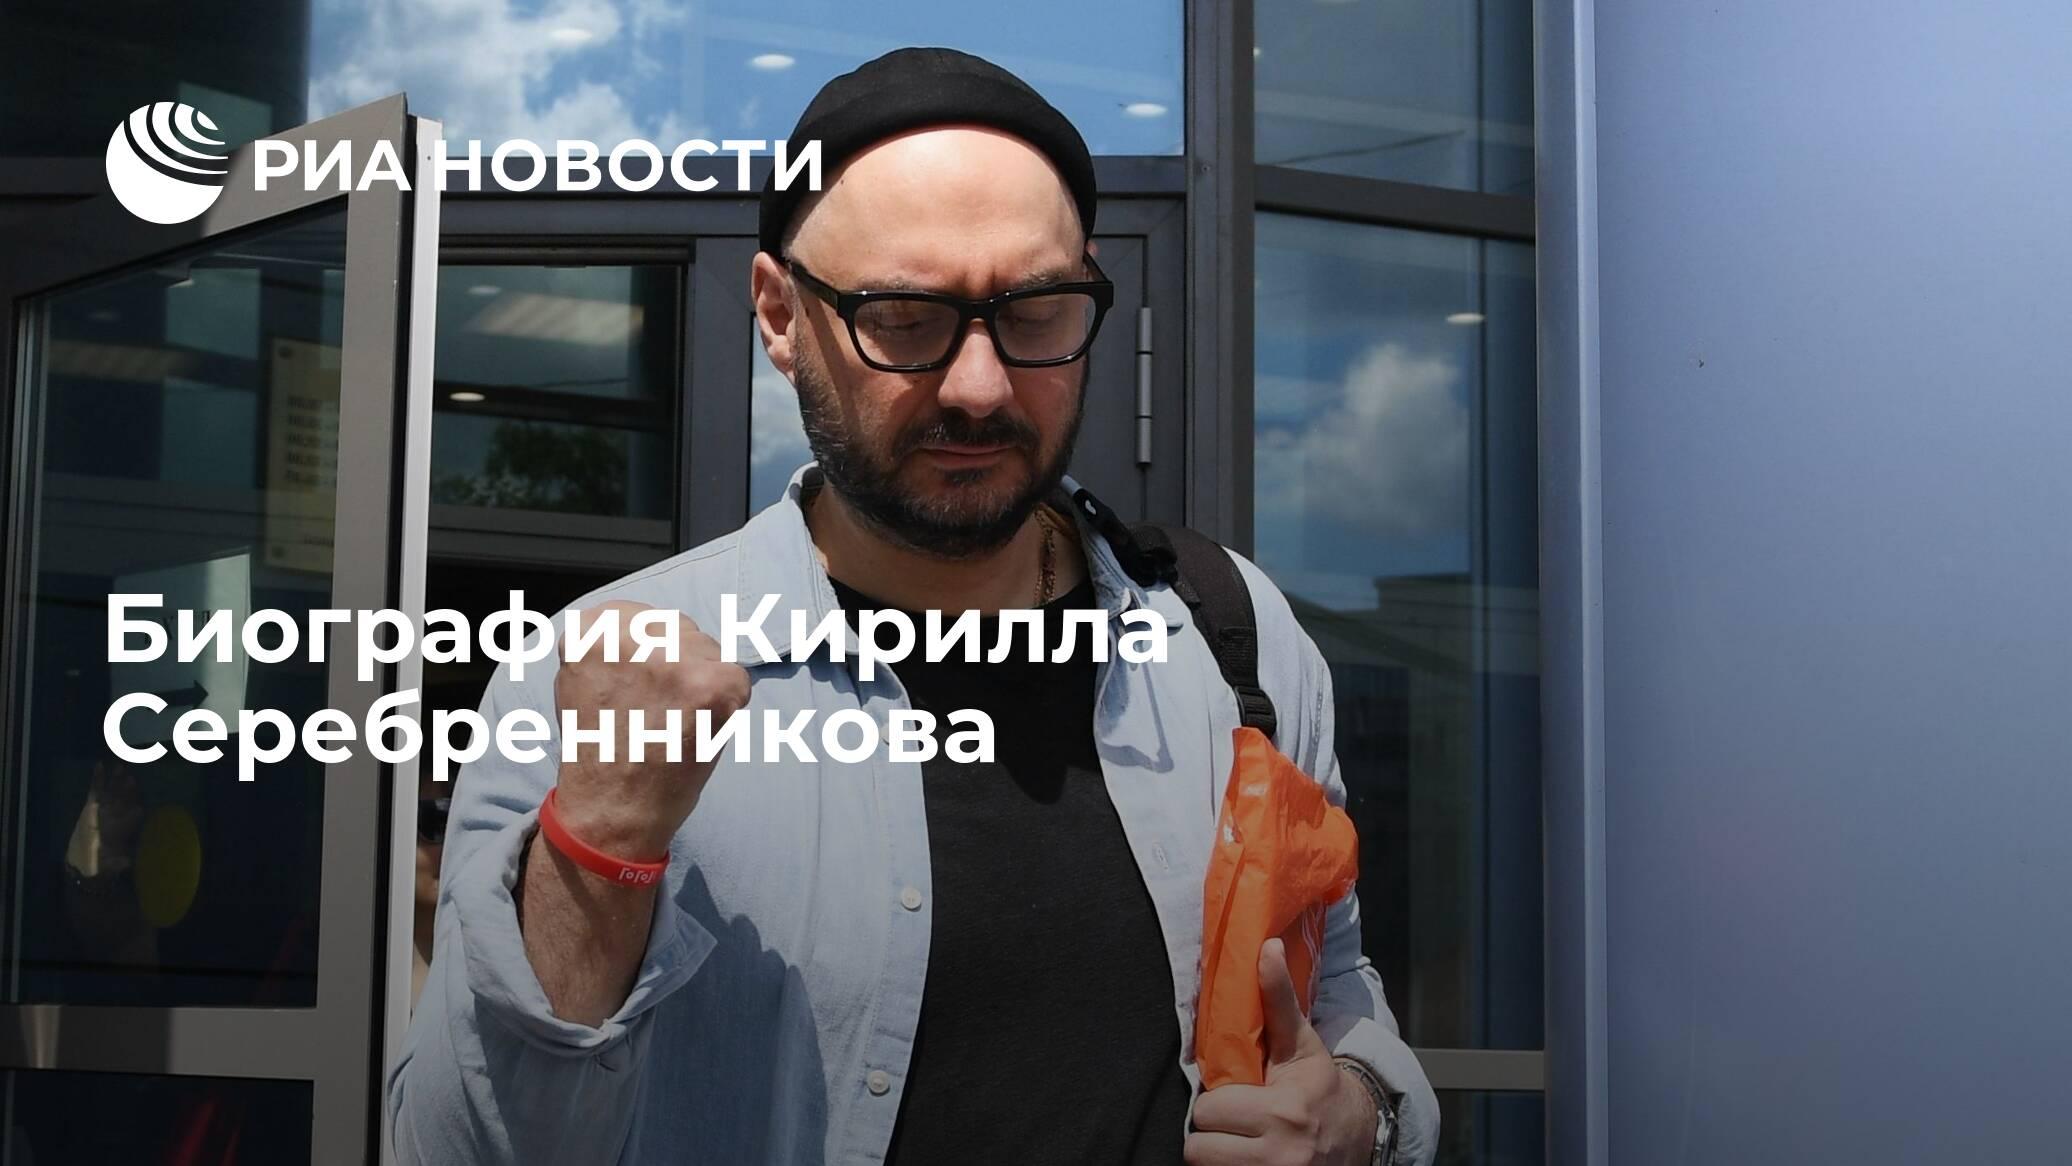 Леонид серебренников — биография певца | краткие биографии